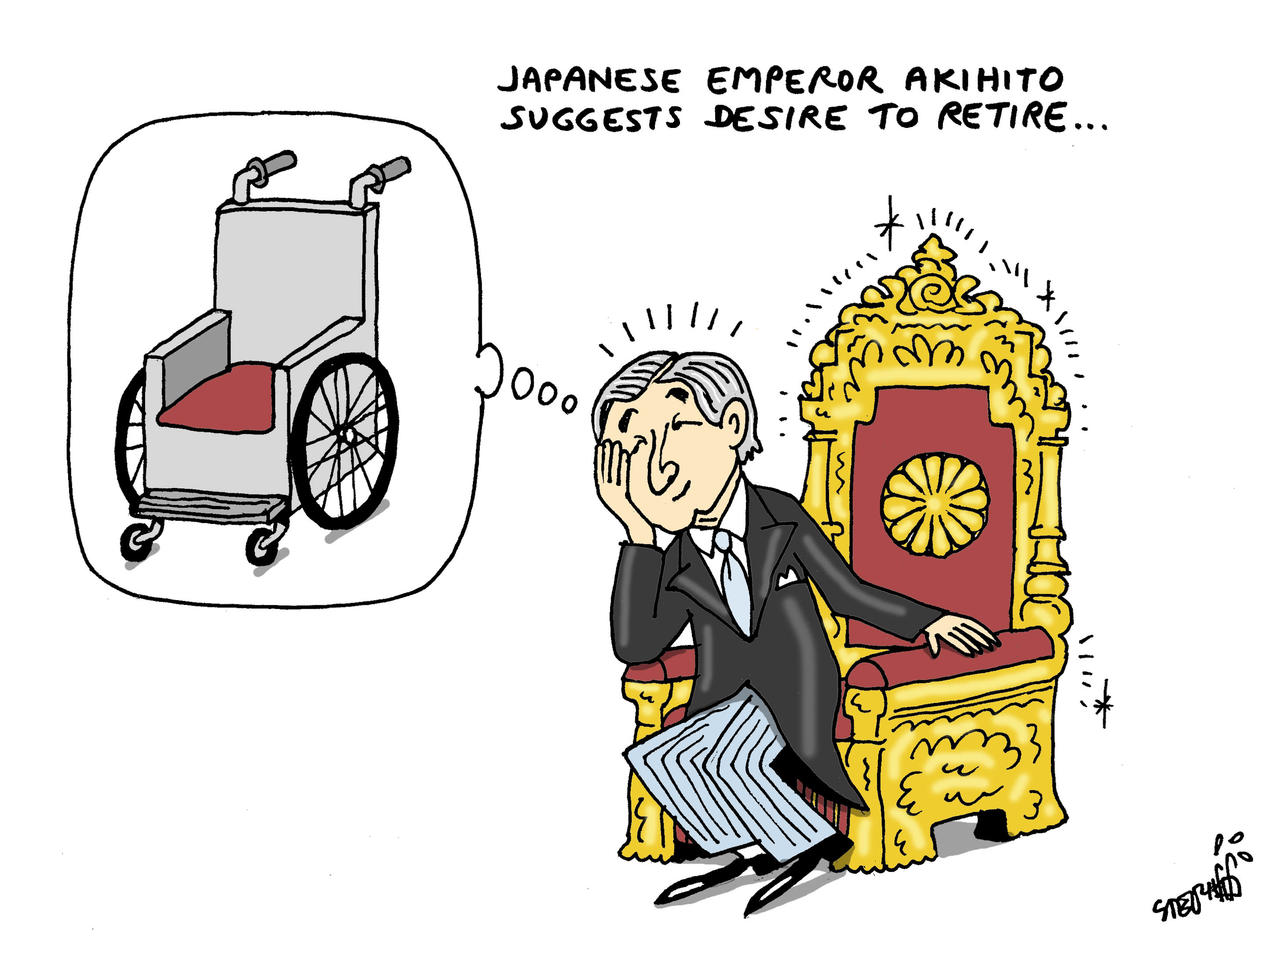 Dessin de Stephff en Thaïlande illustrant l'envie de l'empereur de quitter le trône